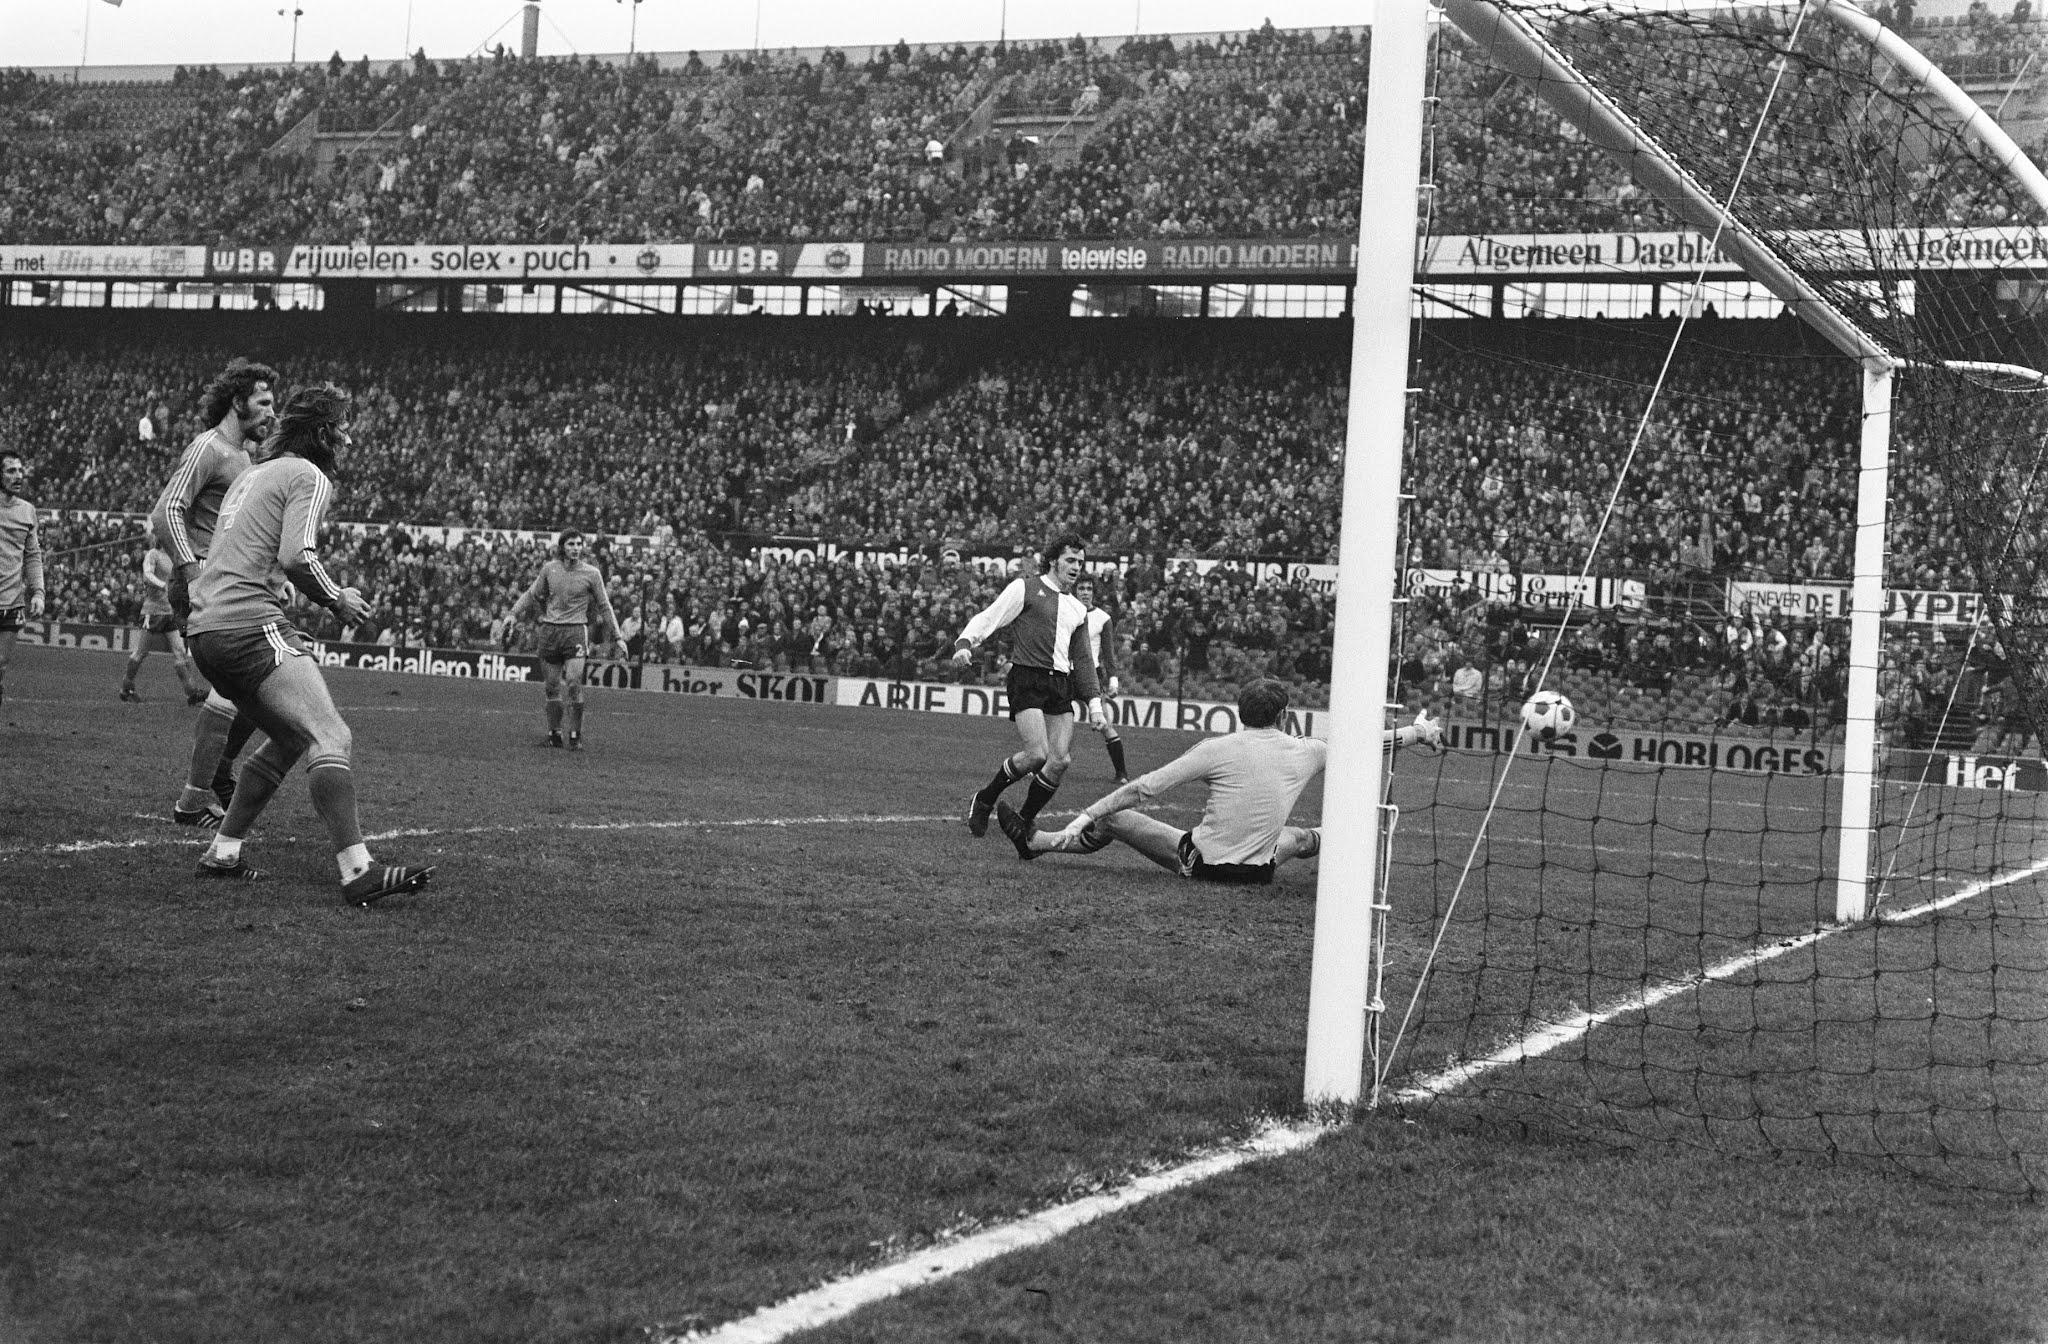 Jørgen Kristensen scoort de tweede goal